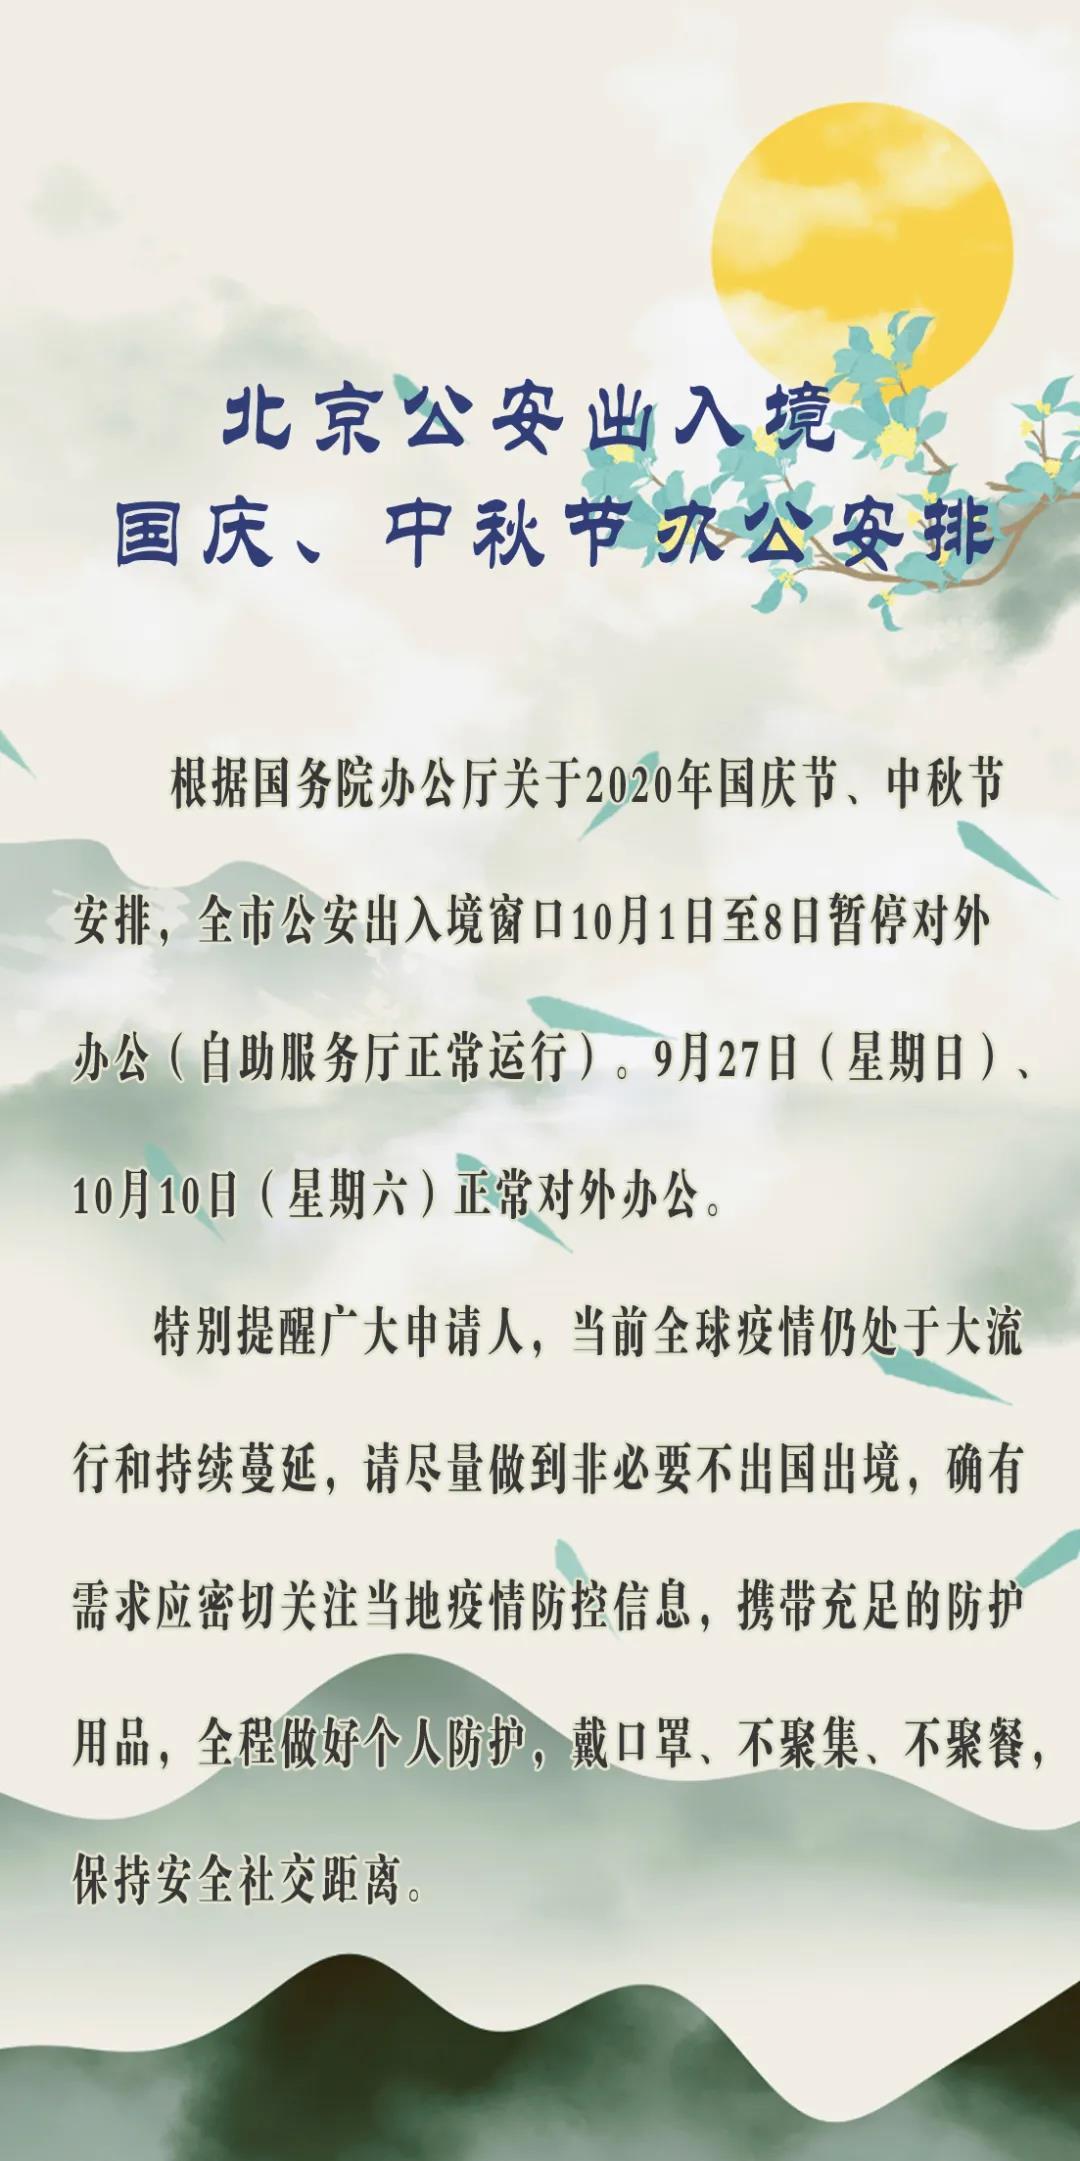 图片来自北京公安出入境微信公众号